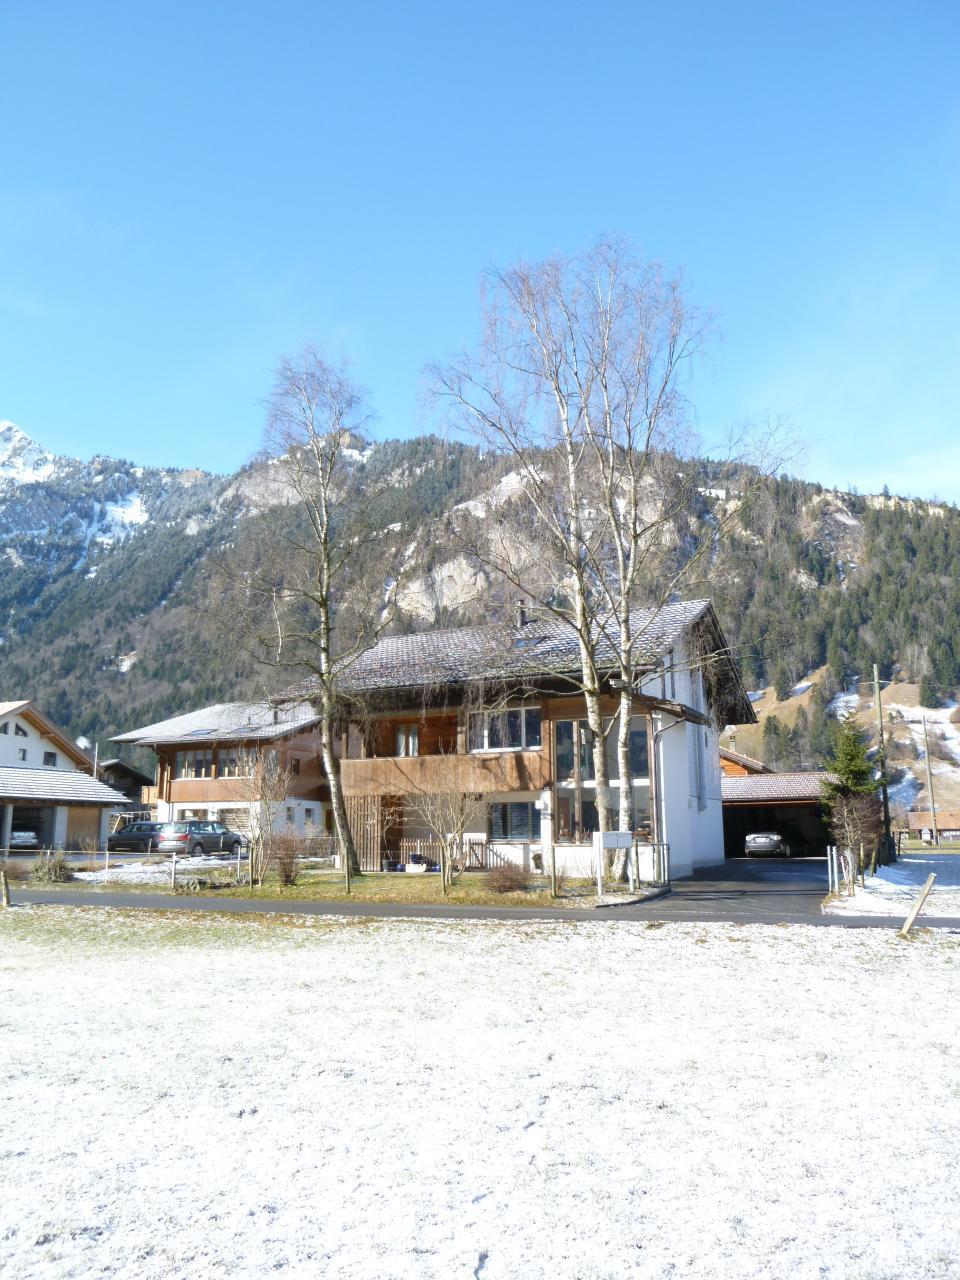 Appartement de vacances 2-Zimmer Wohnung im Ferienparadies Kandertal (2385249), Kandergrund, Adelboden - Frutigen - Kandersteg, Oberland bernois, Suisse, image 5